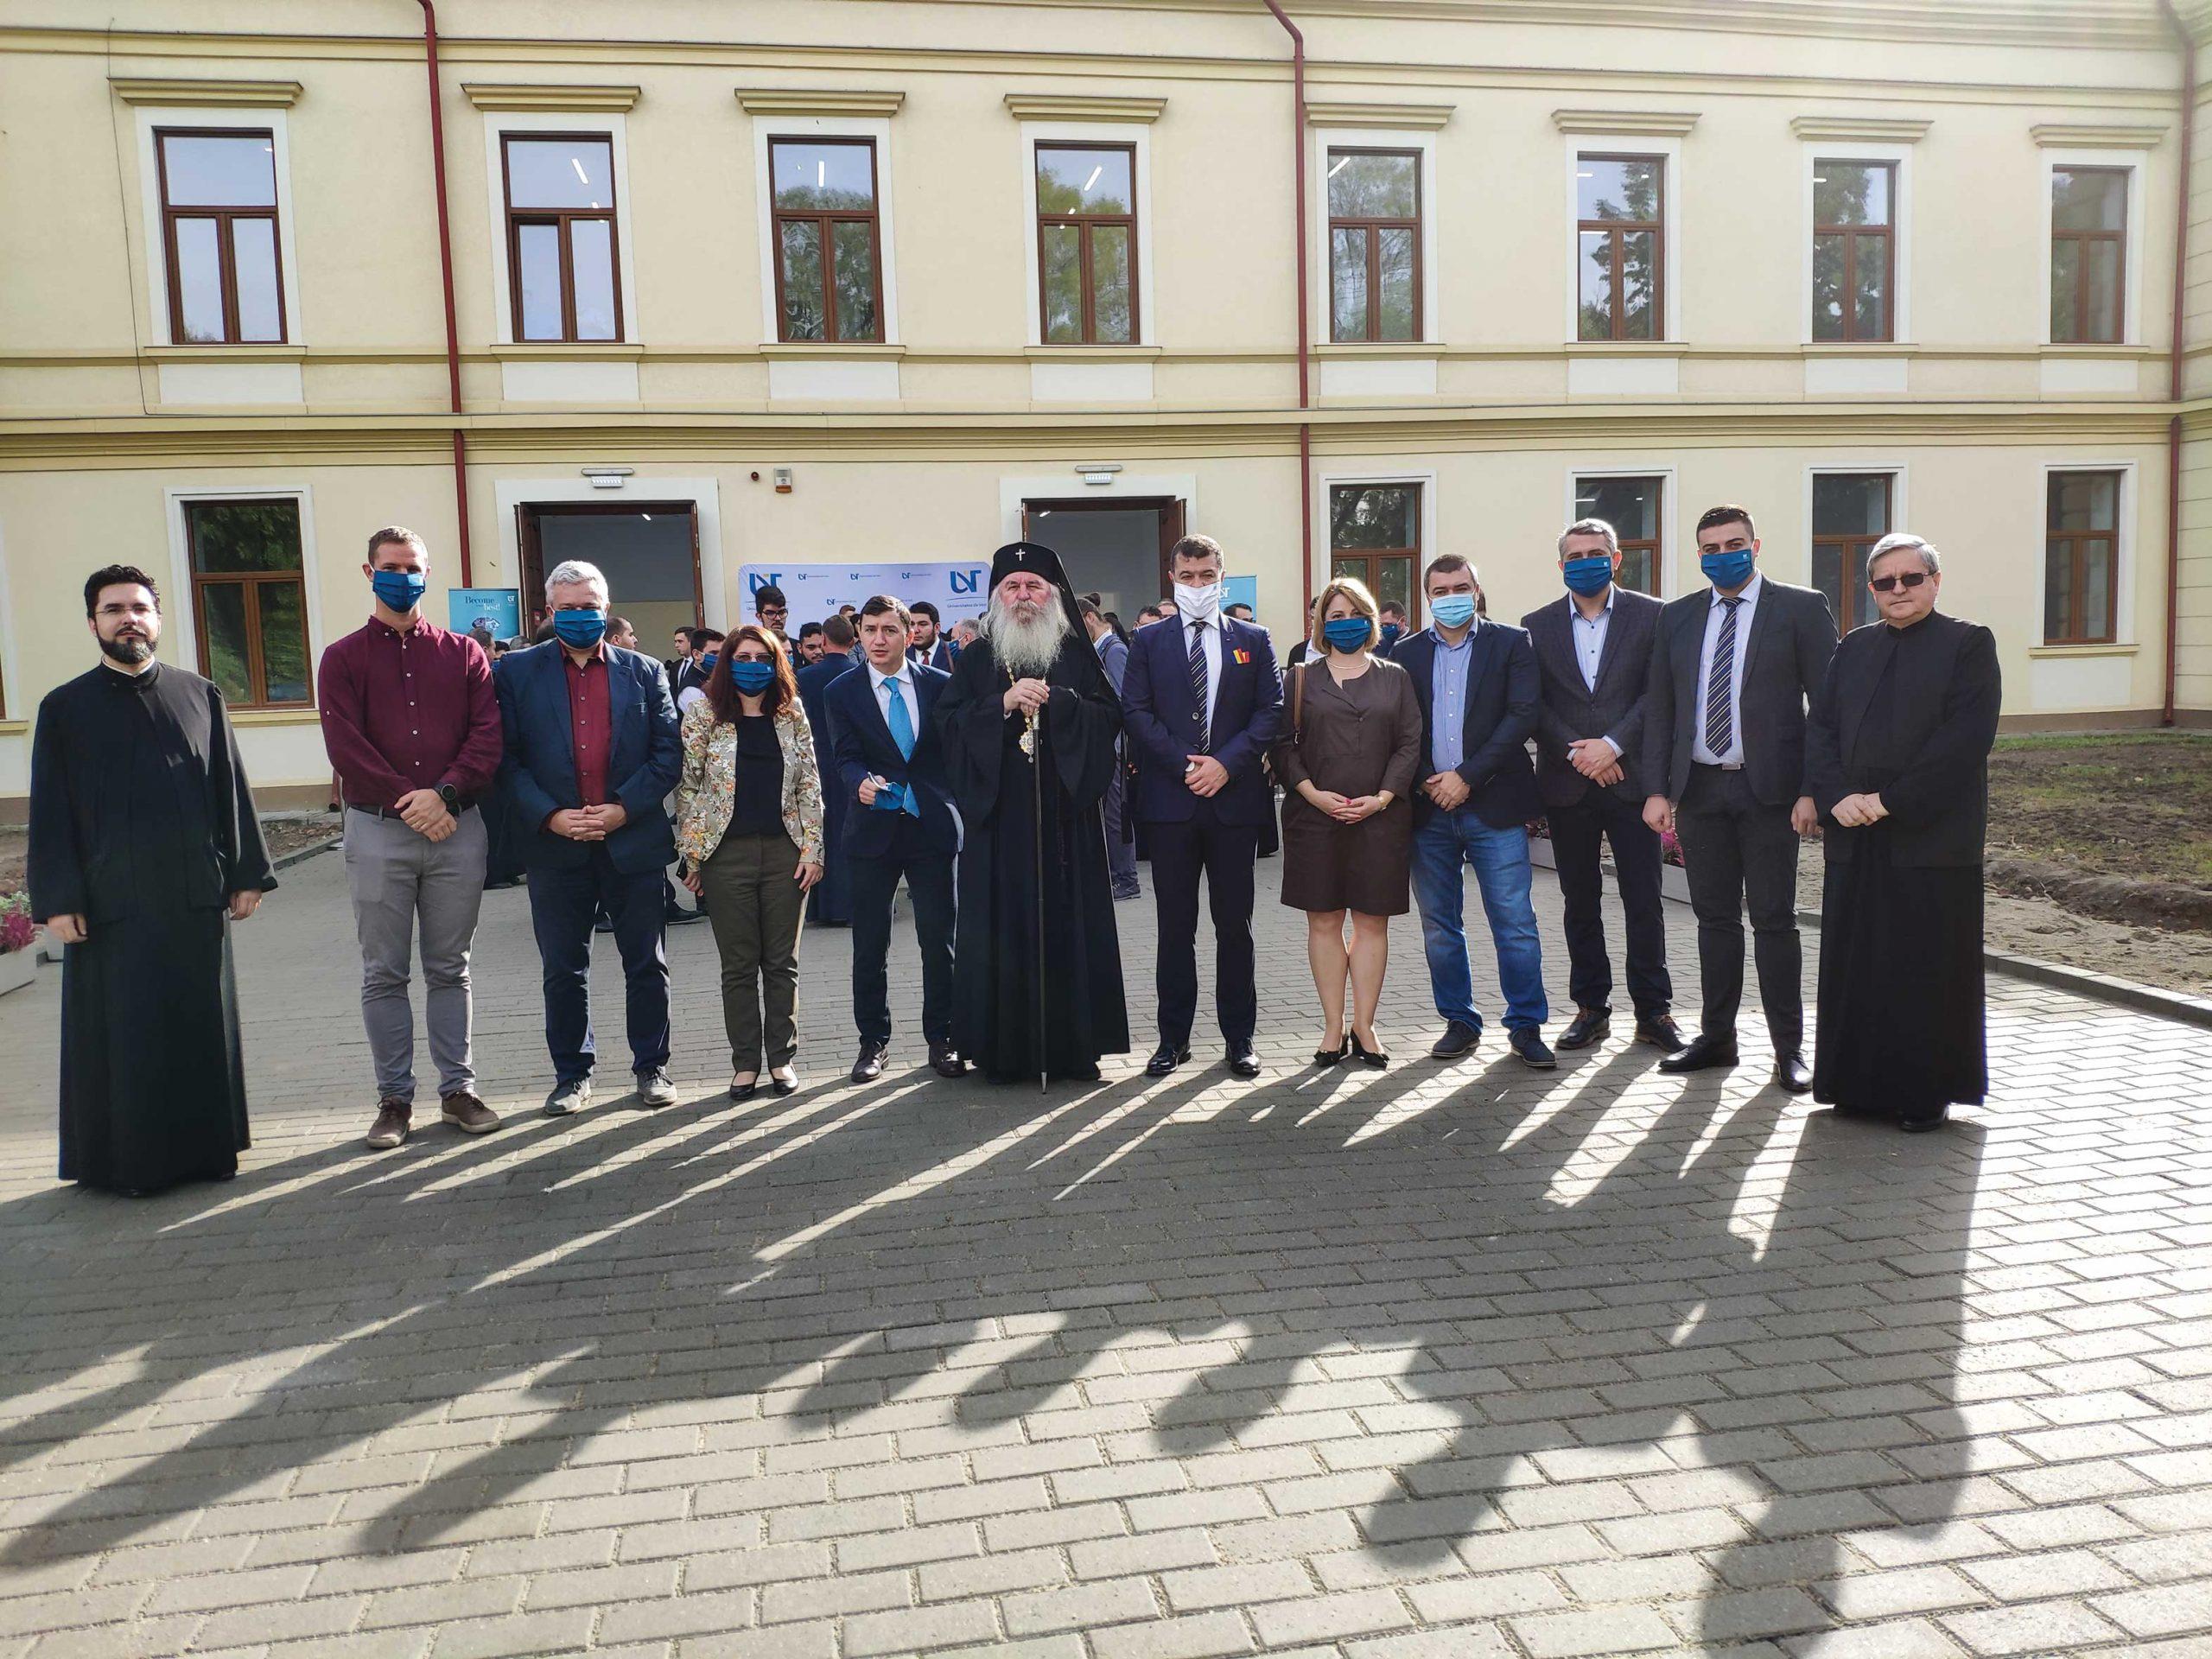 Facultatea de Teologie Ortodoxă  din Timișoara are un nou sediu